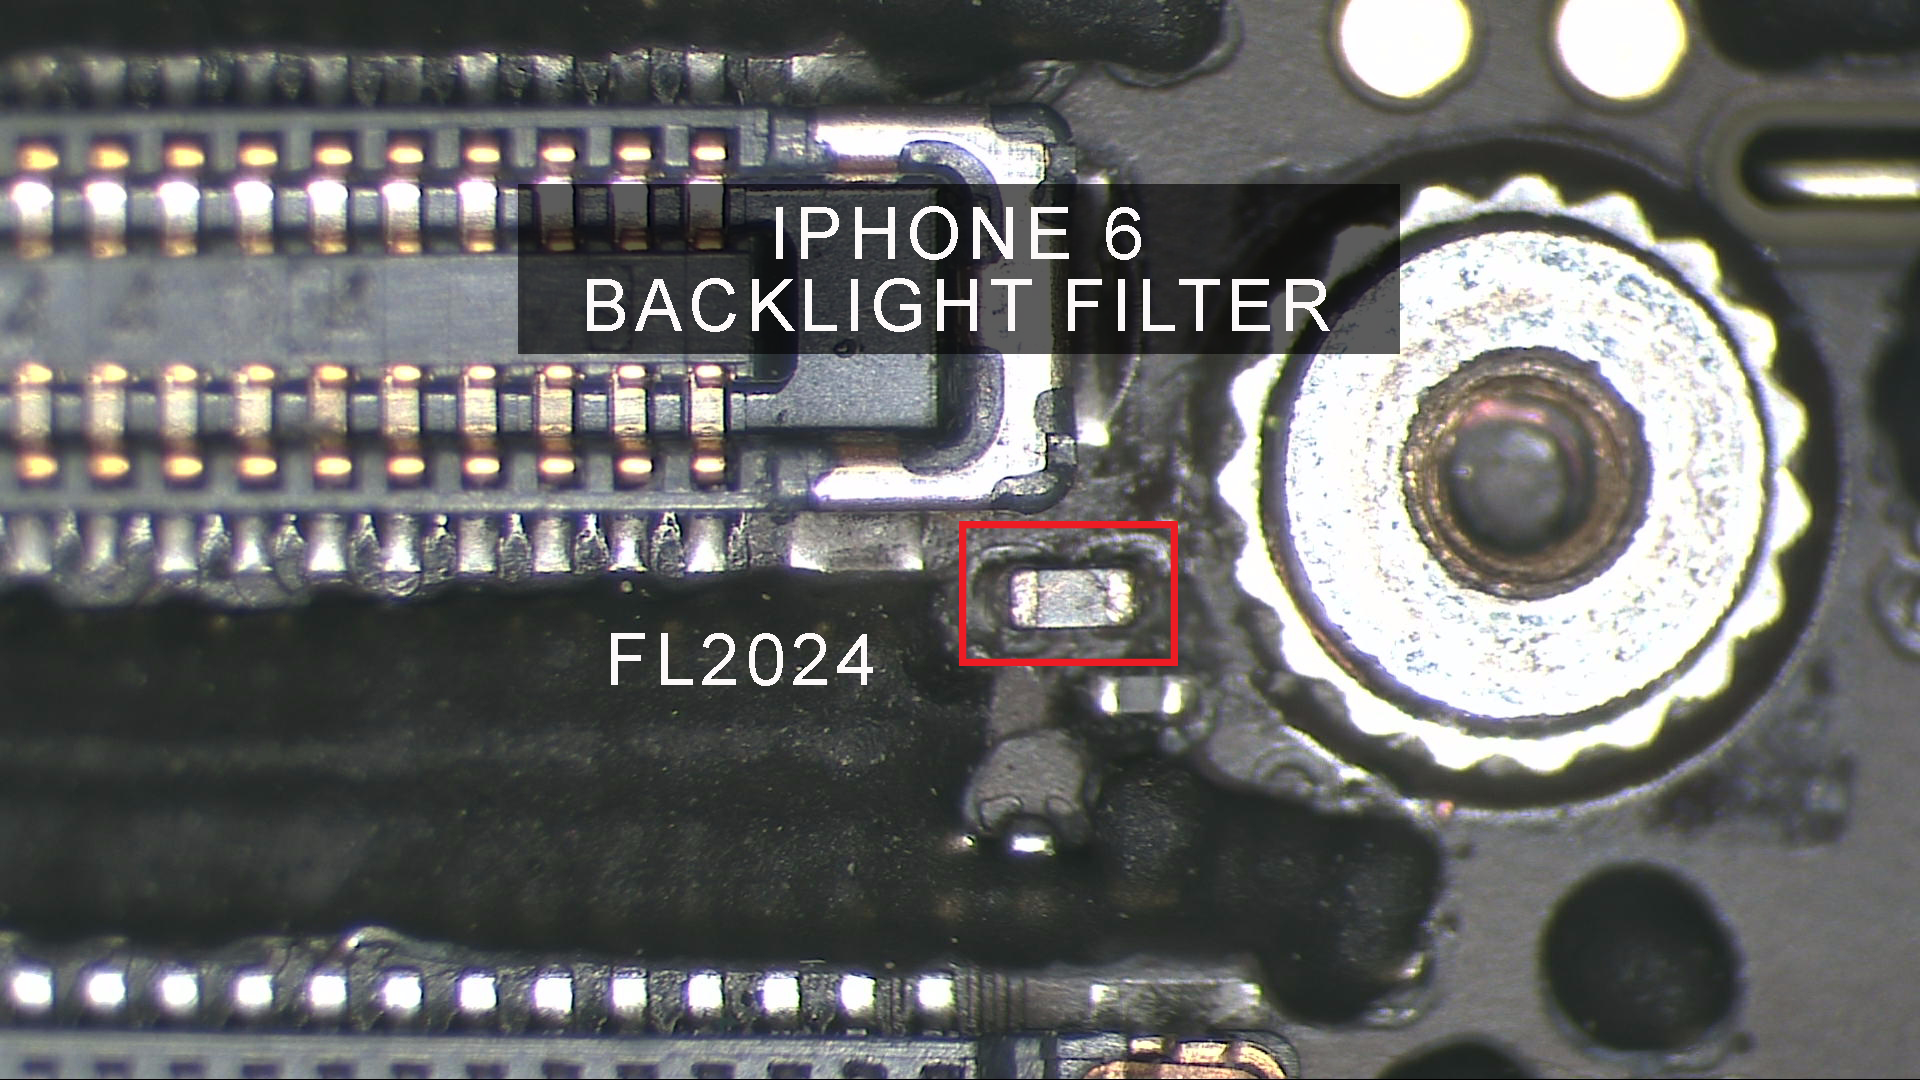 iphone backlight filter repair